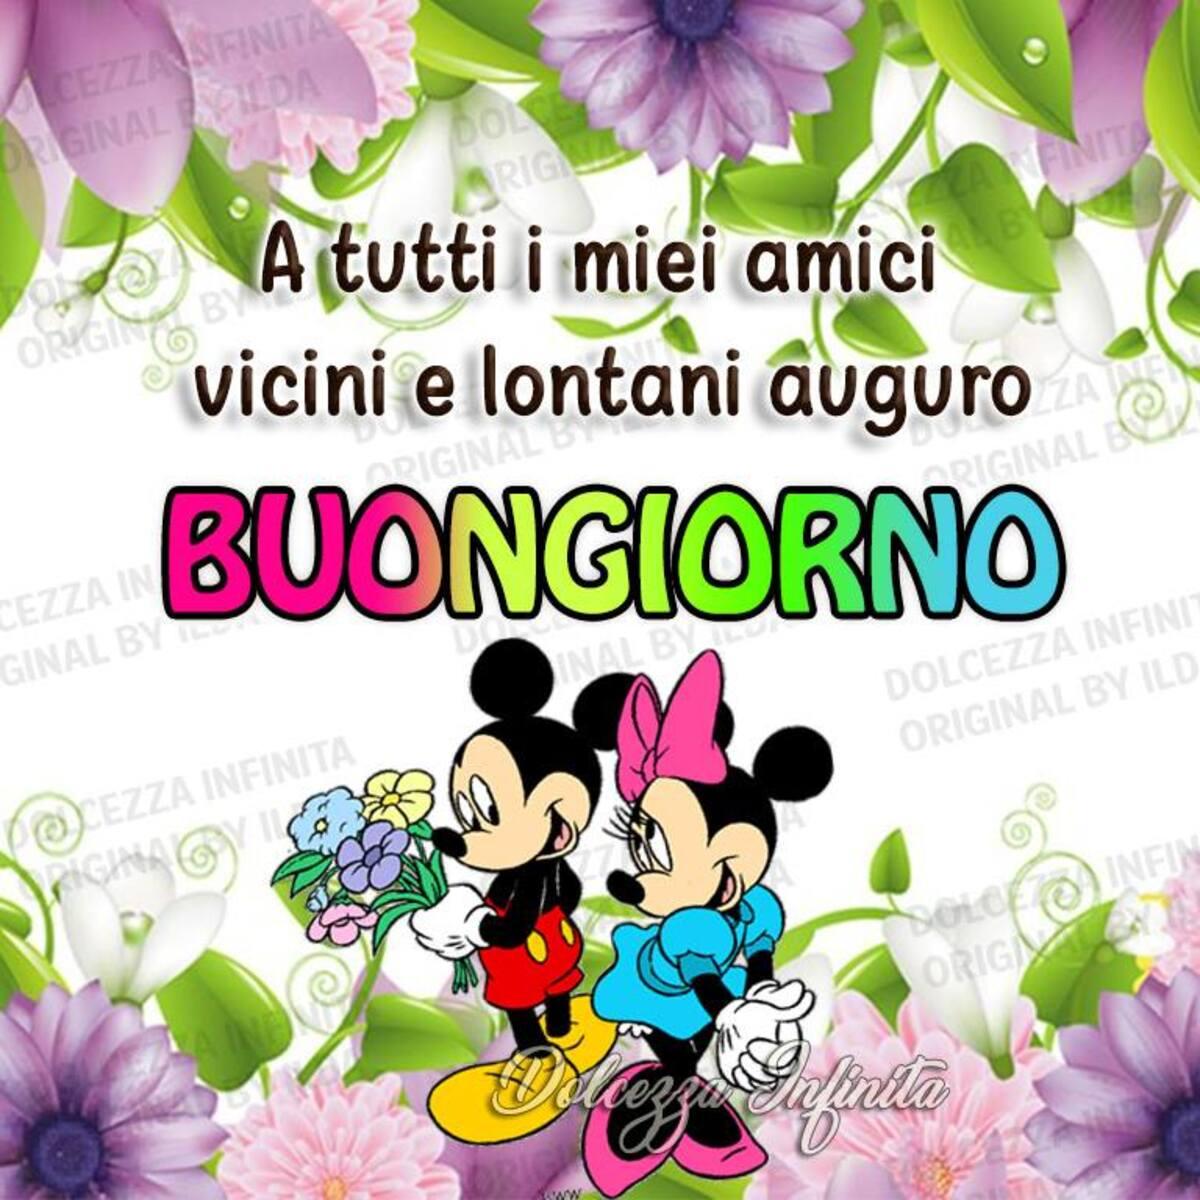 A tutti i miei amici vicini e lontani auguro BUONGIORNO (Walt Disney)